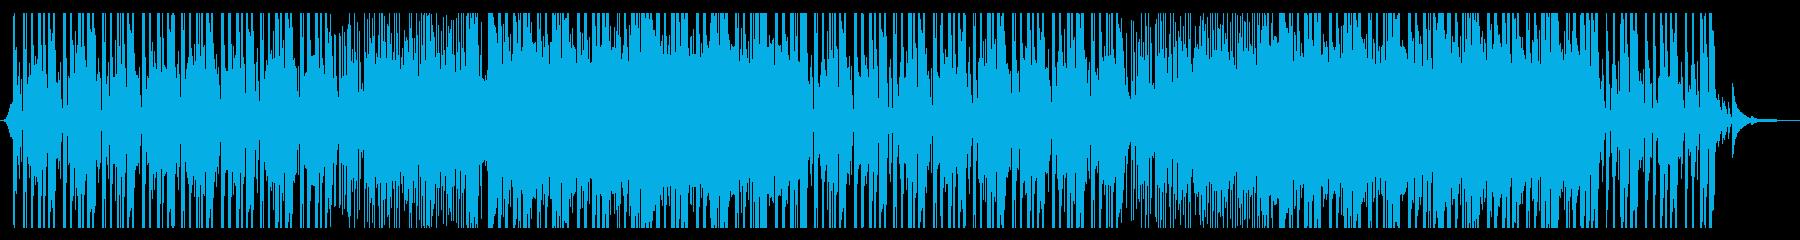 まったりしたEDMの再生済みの波形